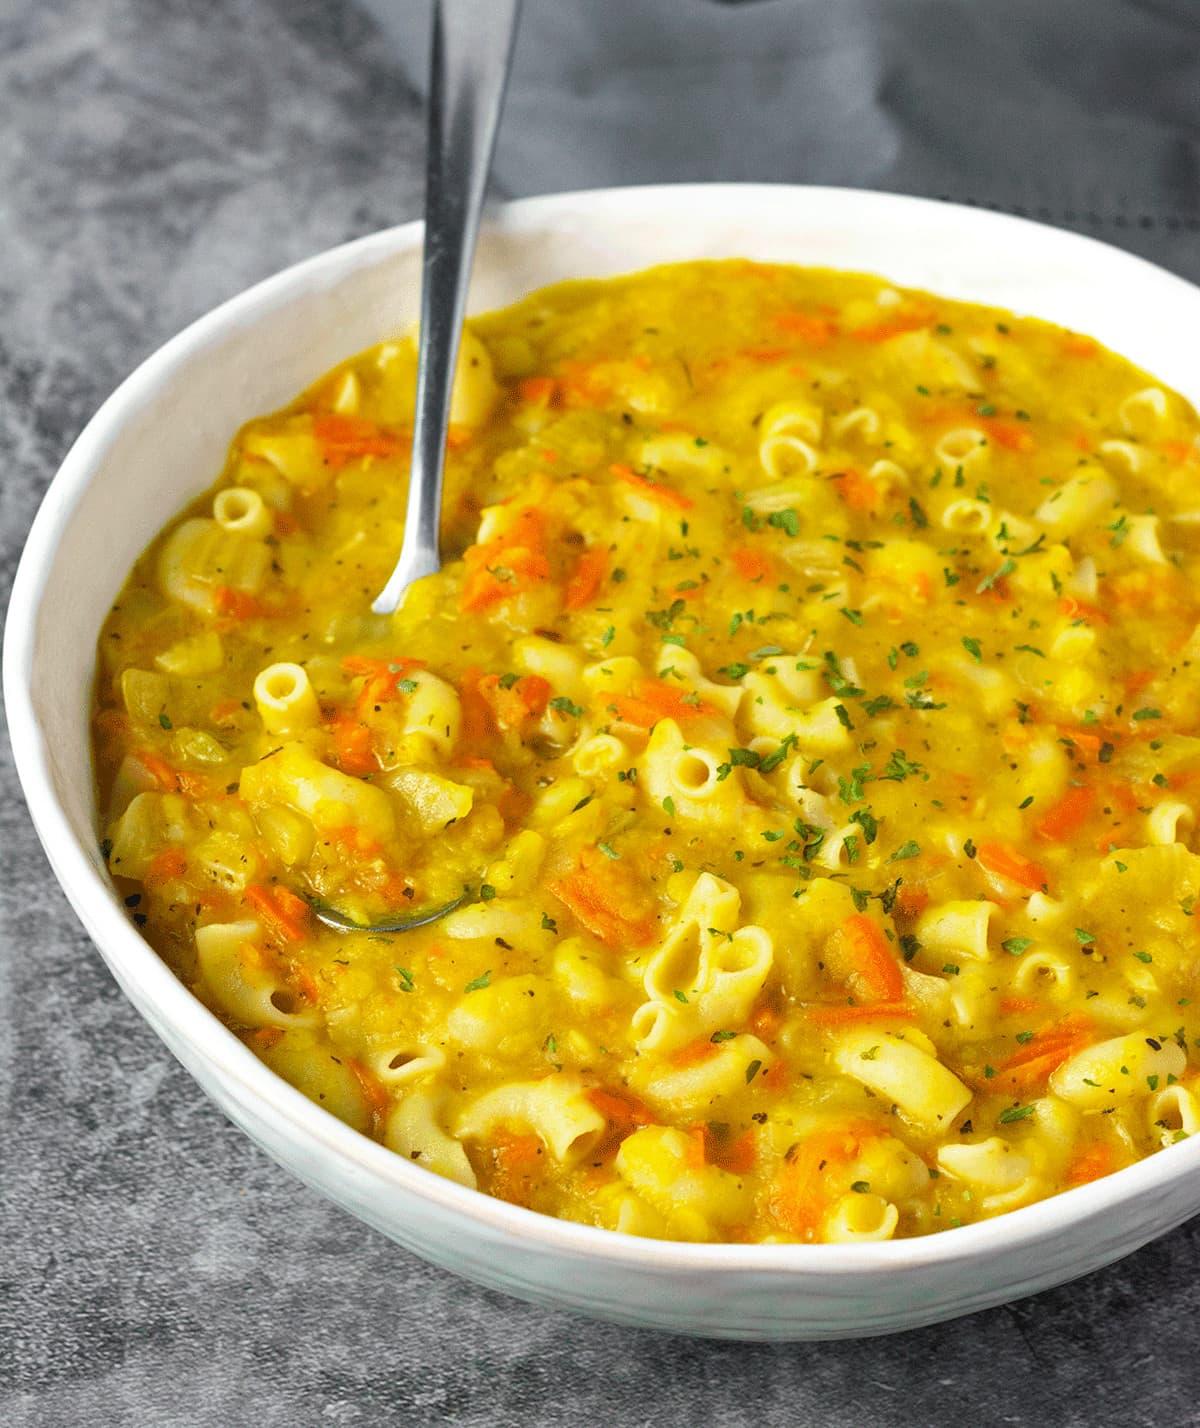 Instant pot red lentil soup